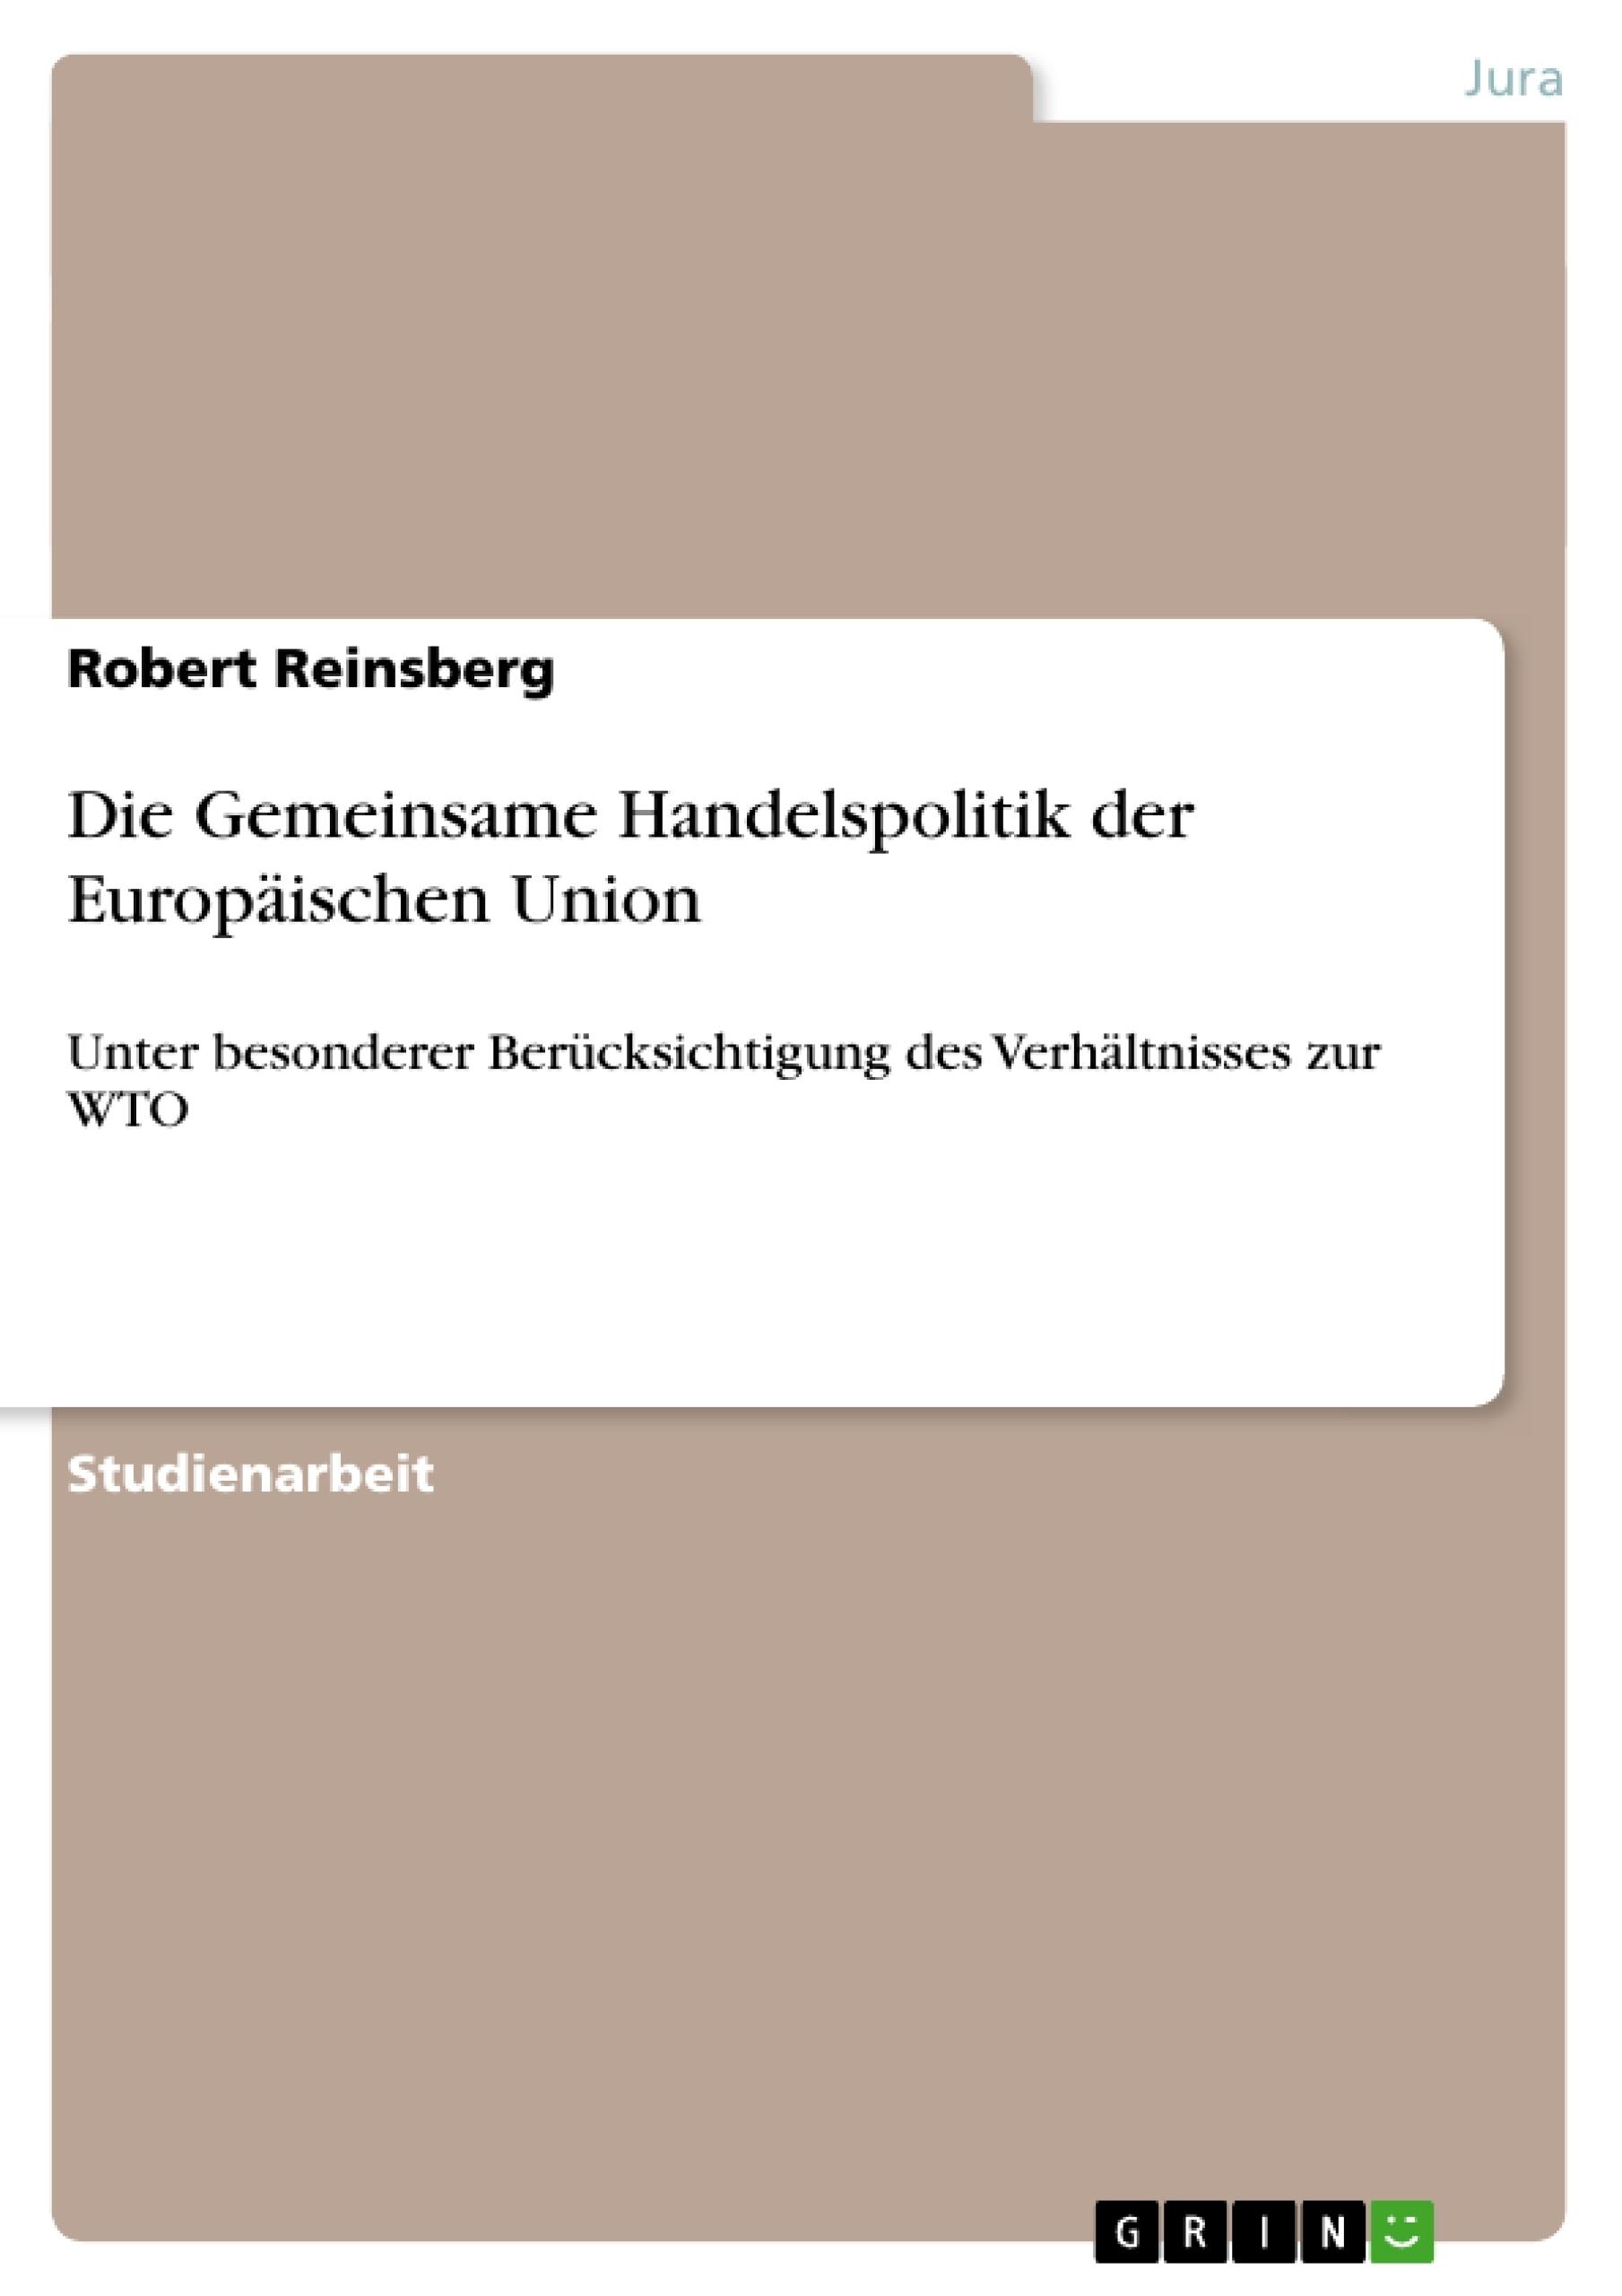 Titel: Die Gemeinsame Handelspolitik der Europäischen Union